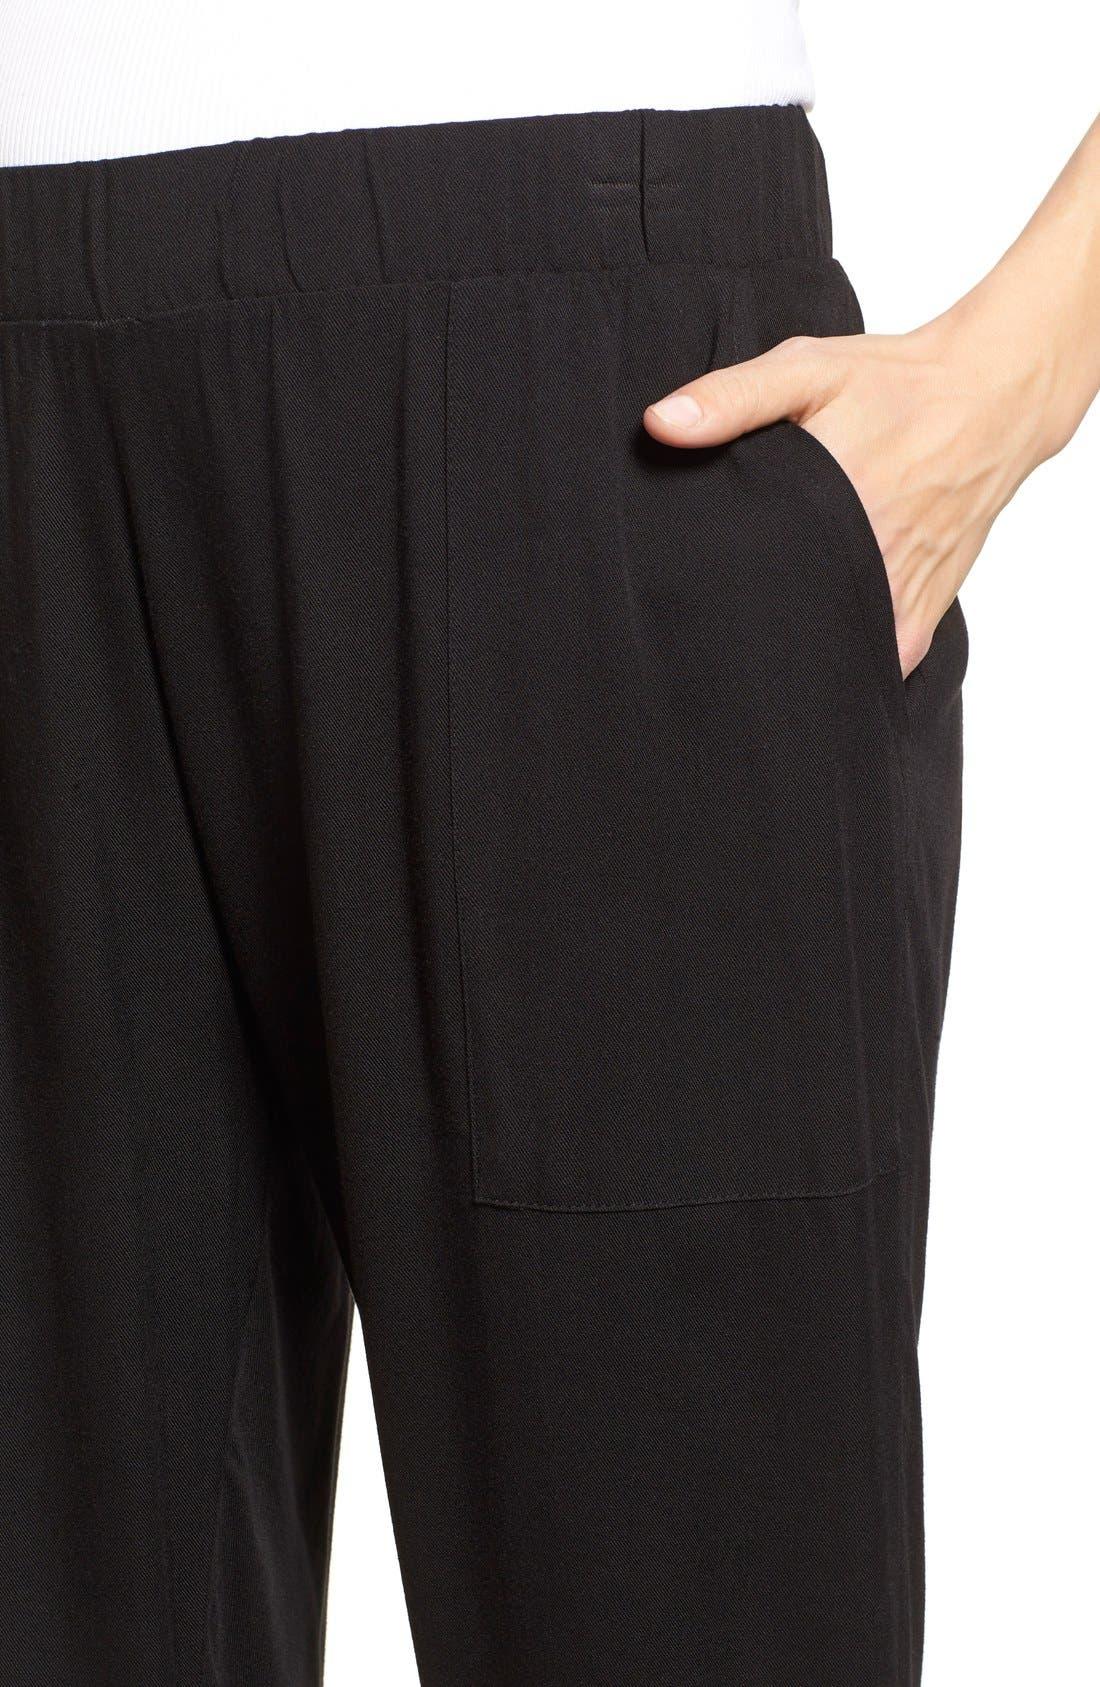 'Jenna' Maternity Pants,                             Alternate thumbnail 5, color,